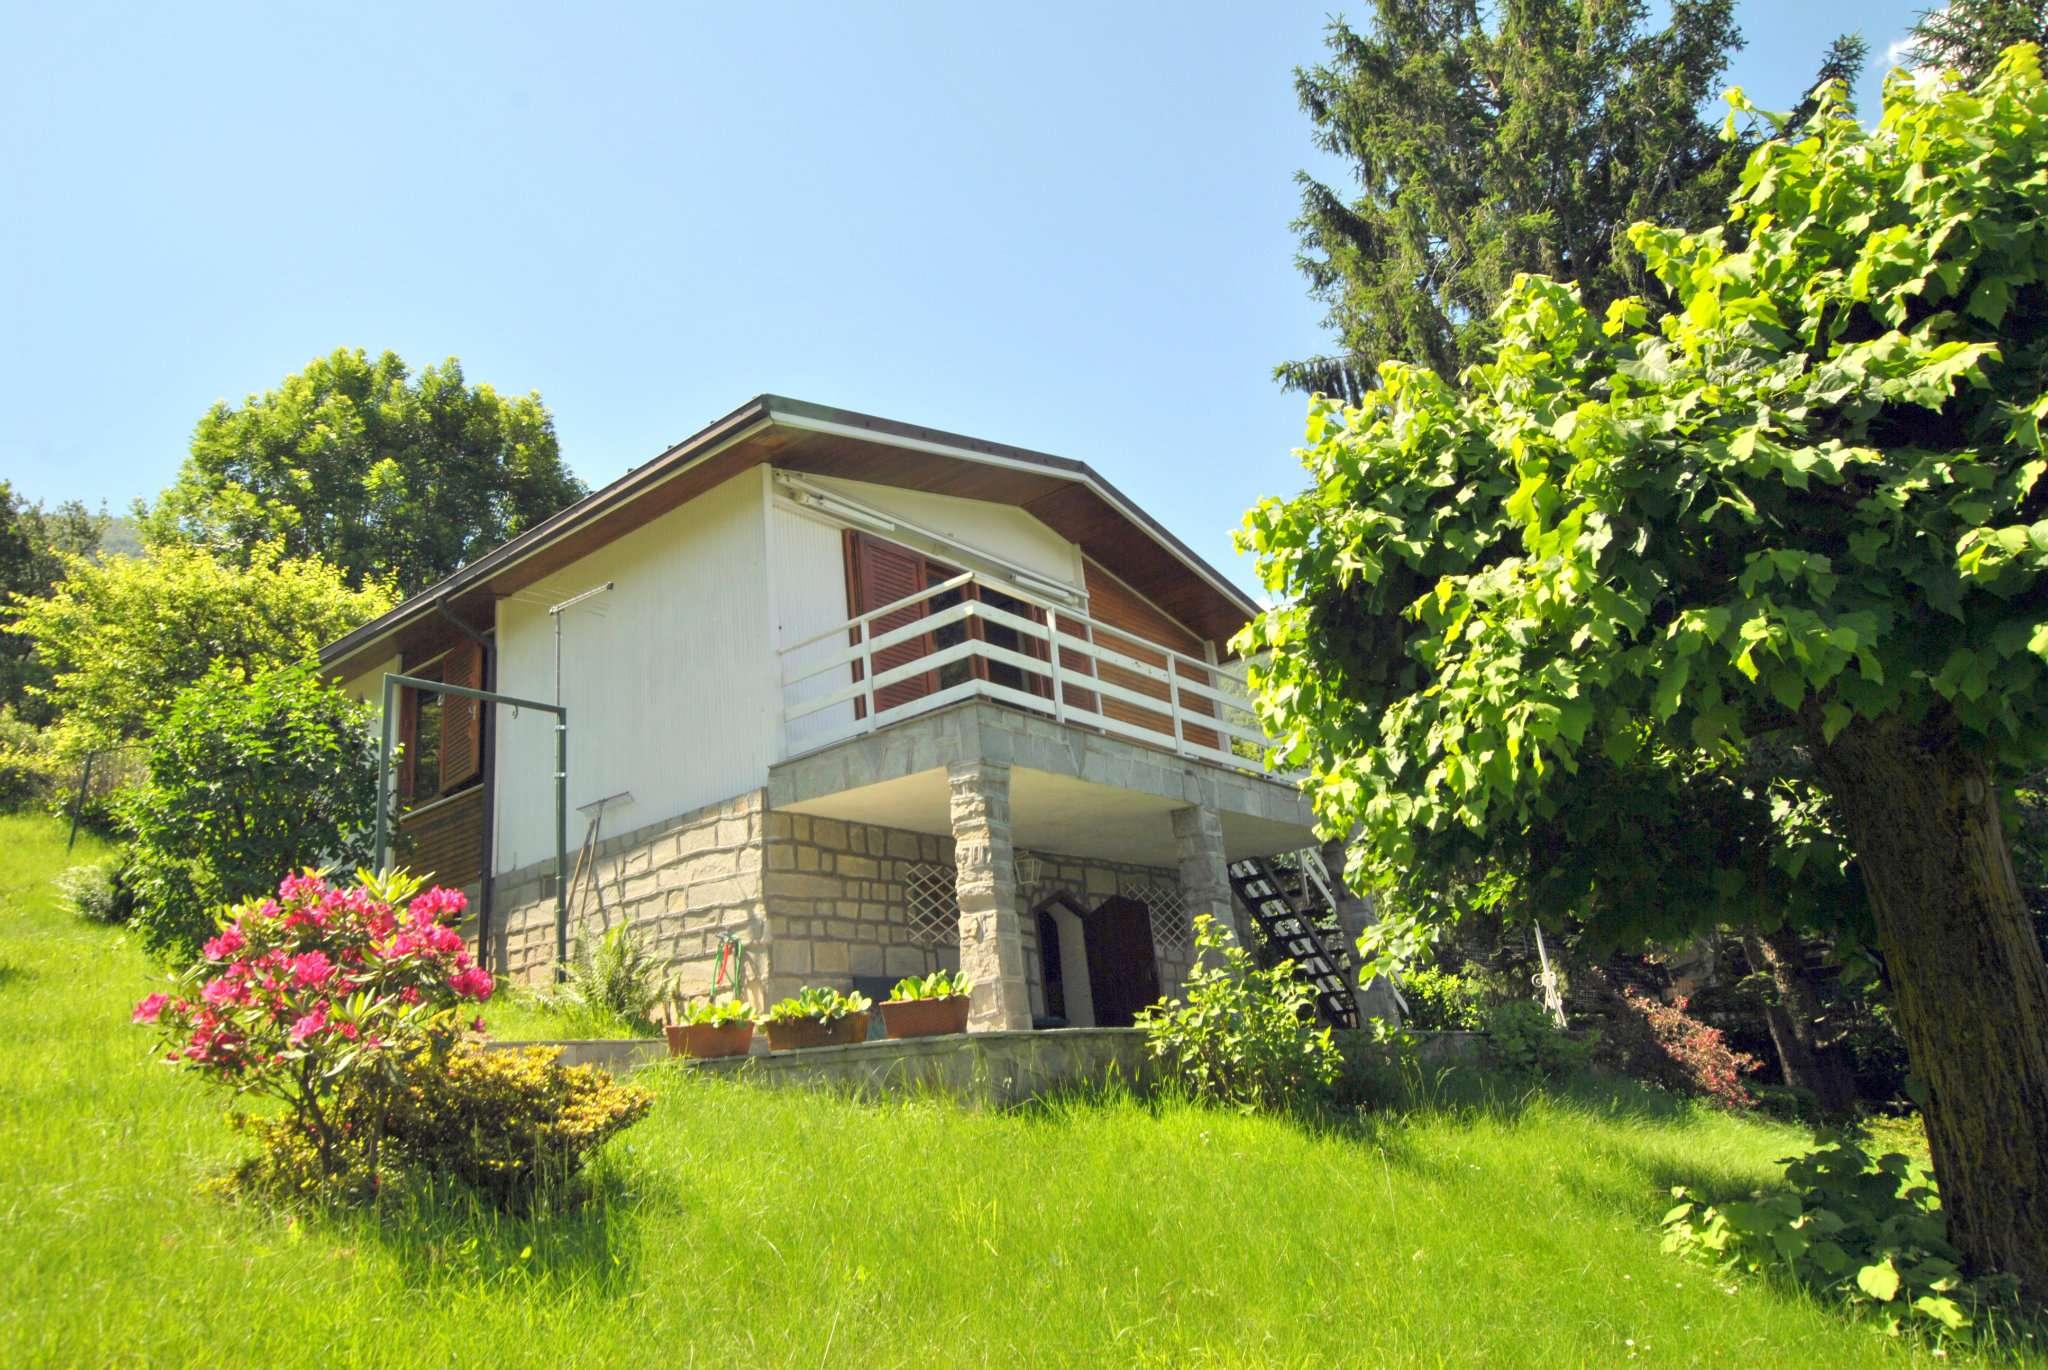 Foto 1 di Casa indipendente borgata cresto, Sant'antonino Di Susa